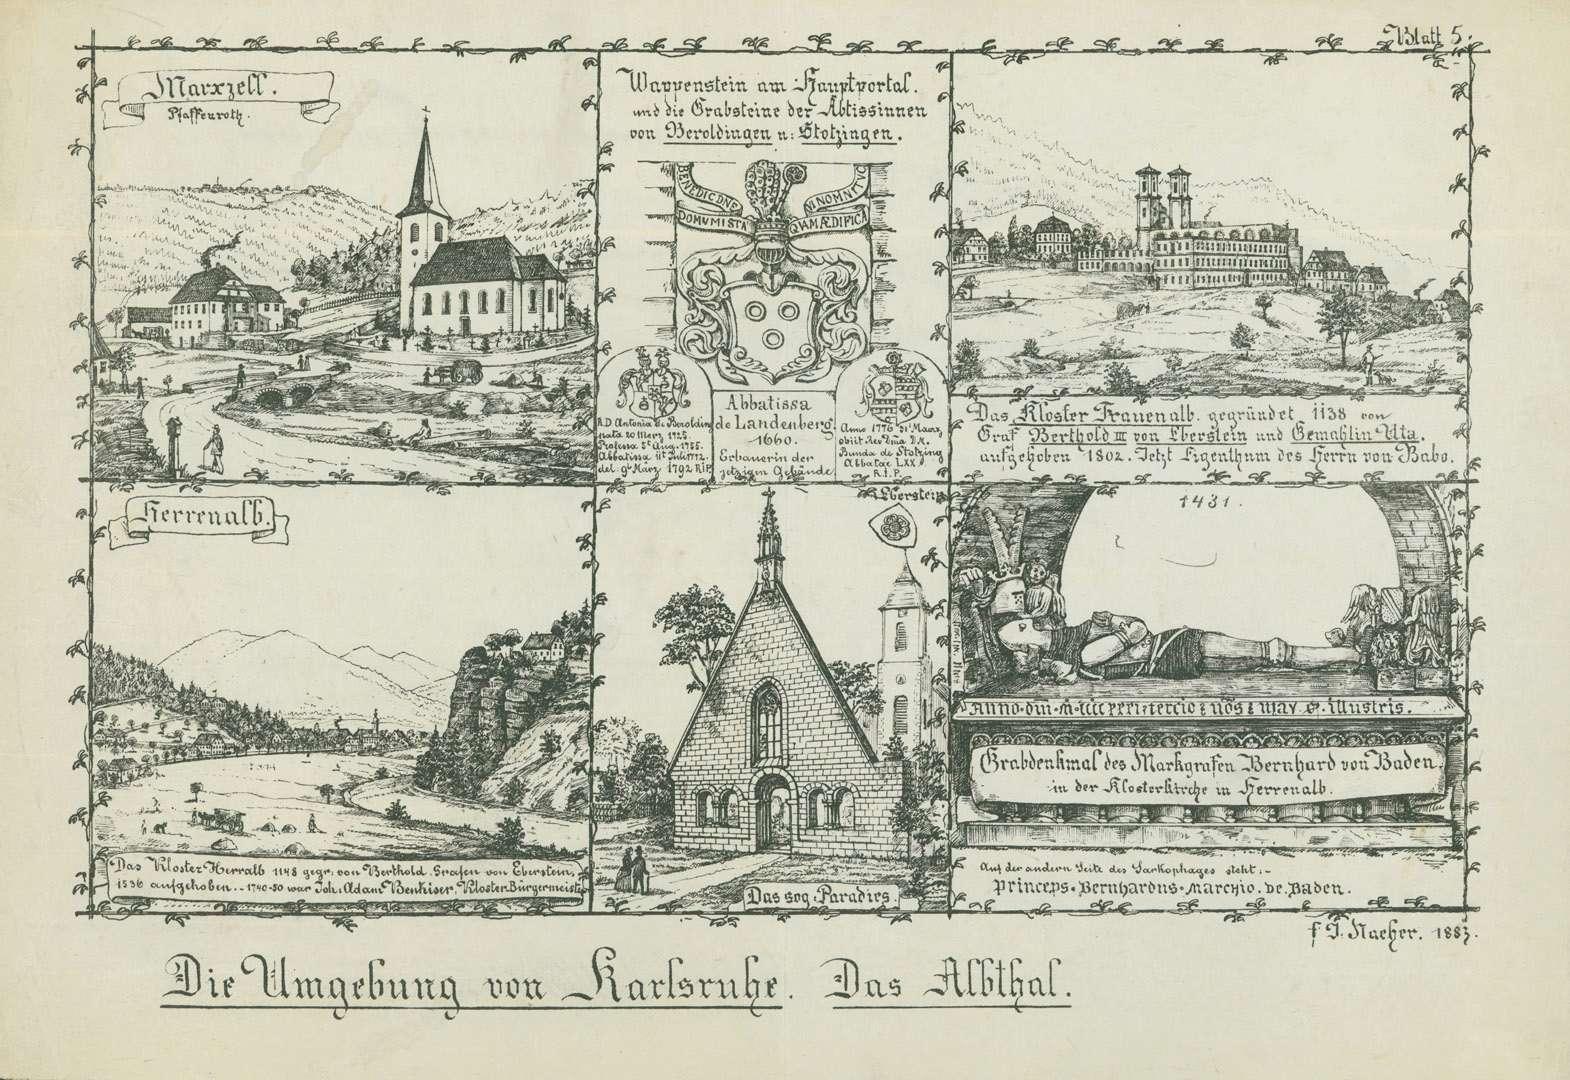 Die Umgebung von Karlsruhe - Das Albthal, Bild 1